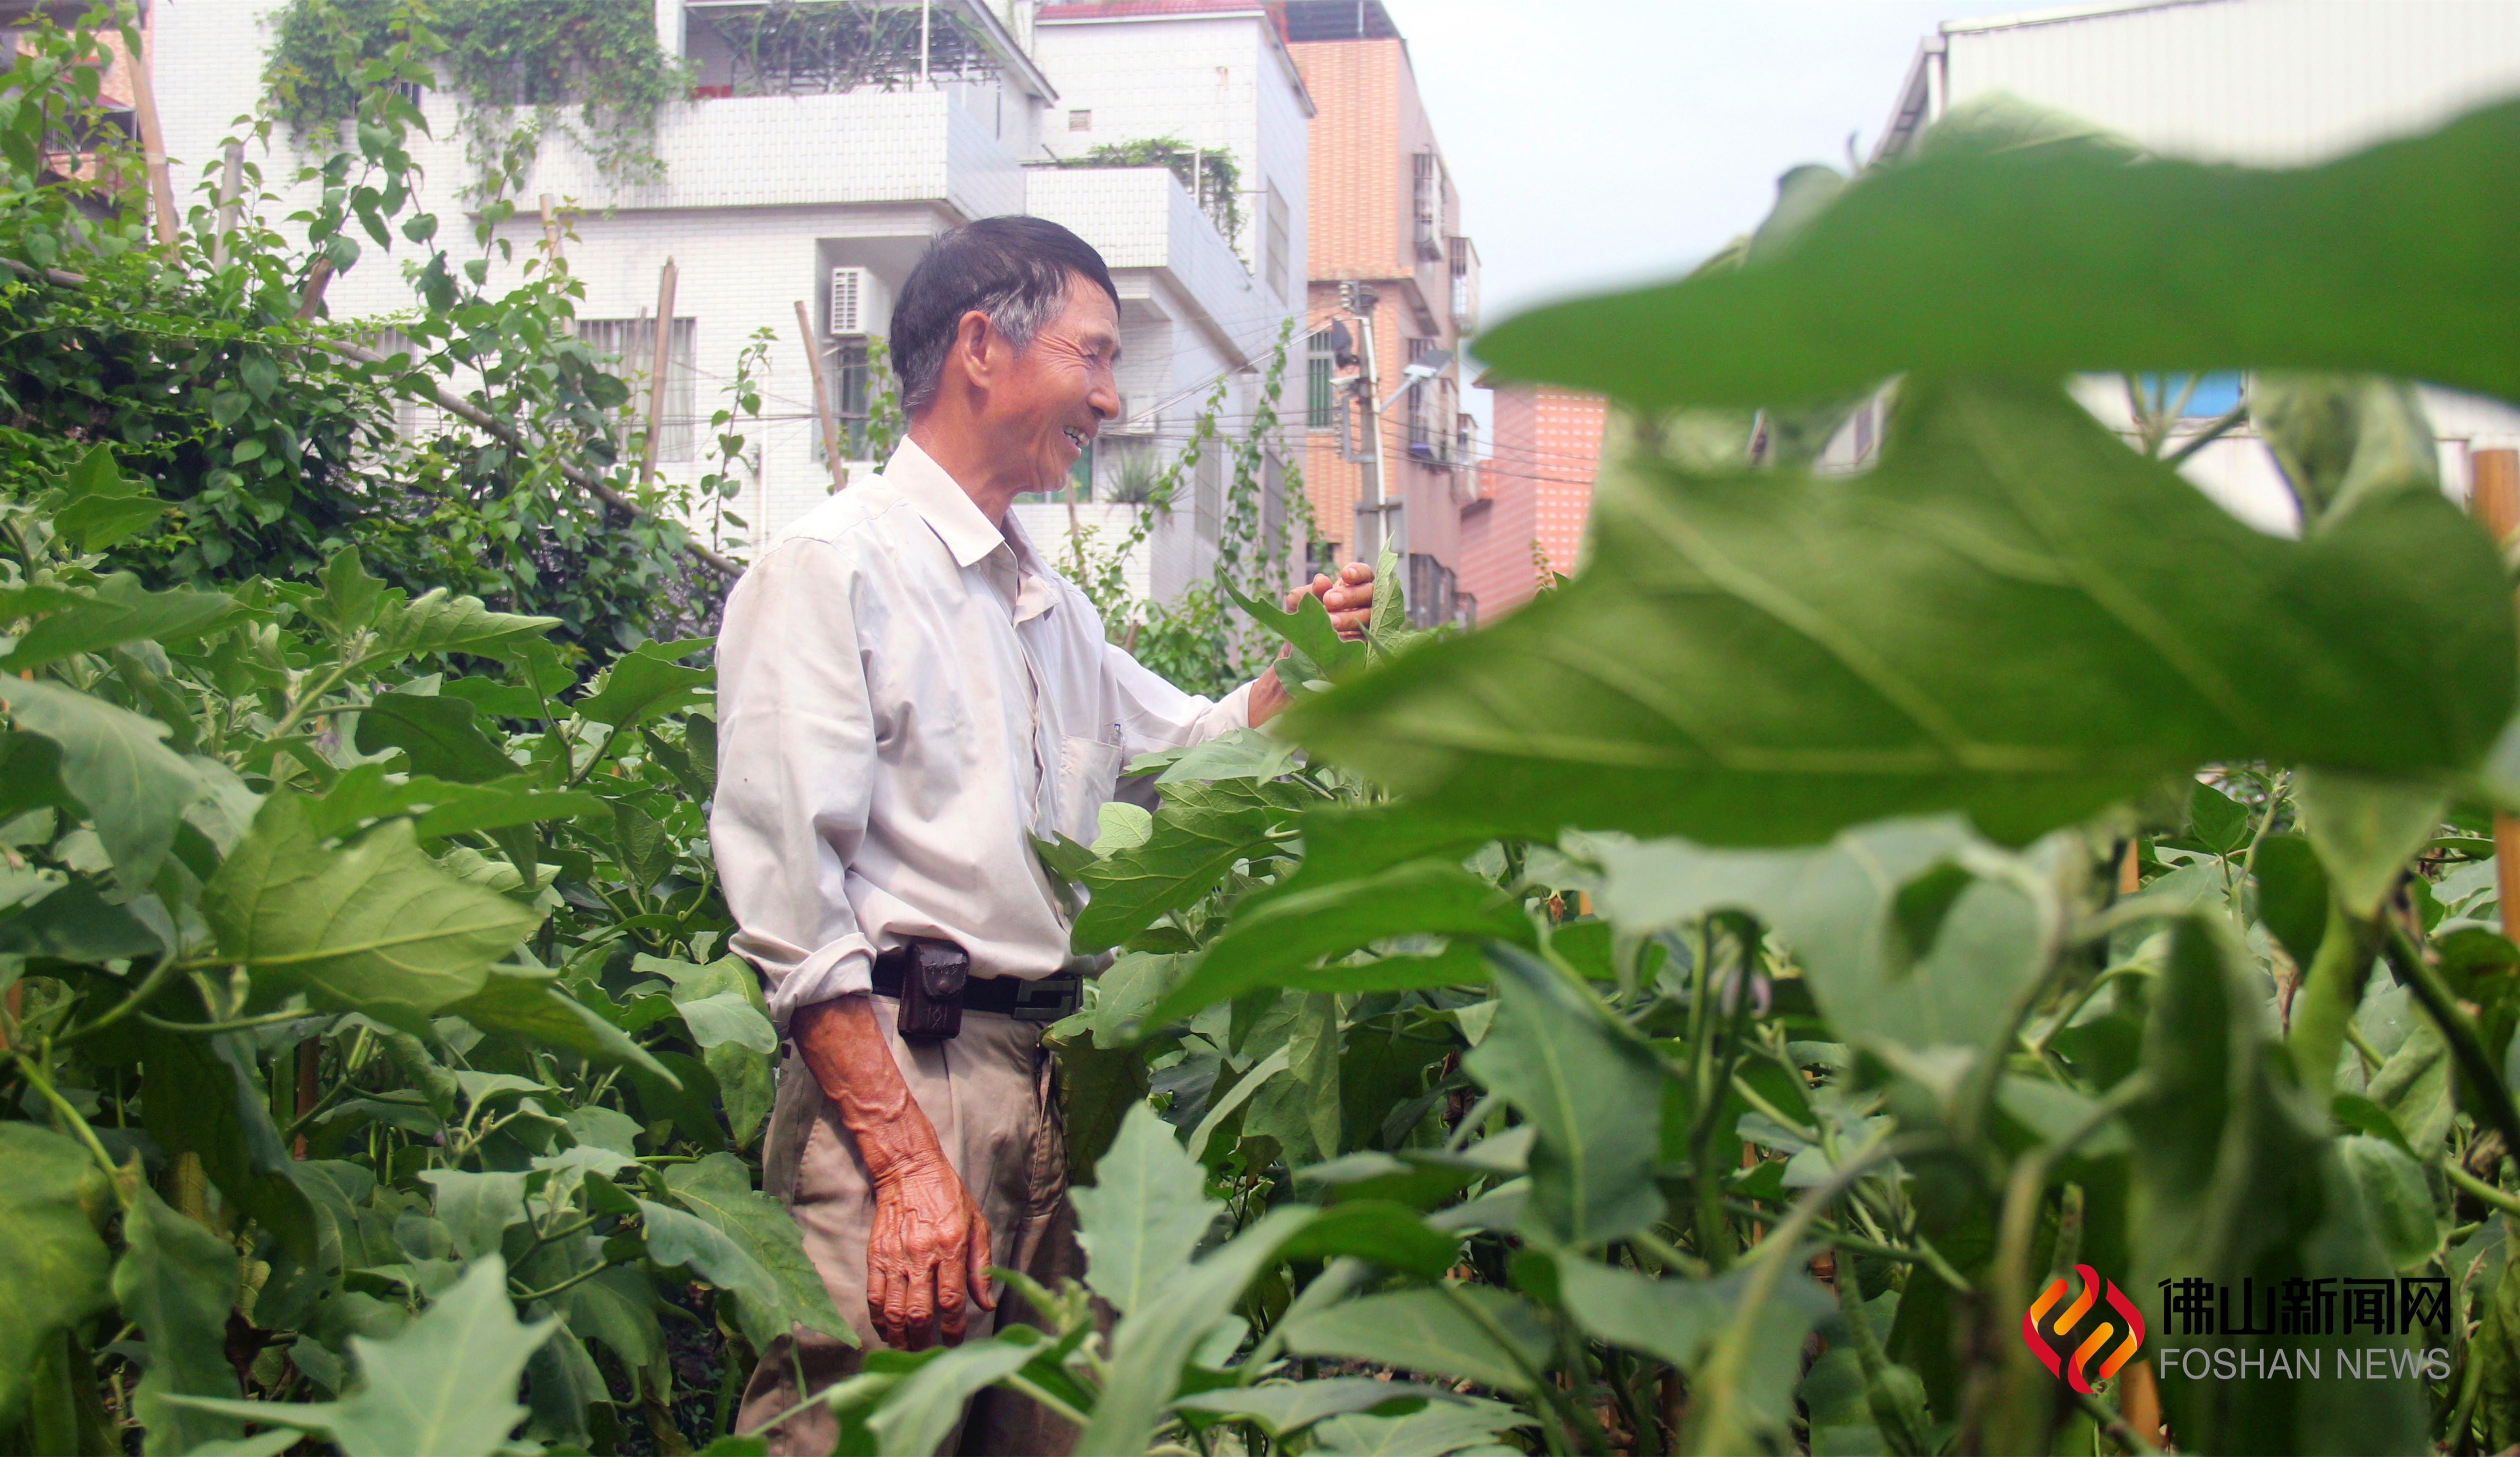 6月的尾声,肉润汁多、籽少无渣的广东特色蔬菜——盐步秋茄上市啦!